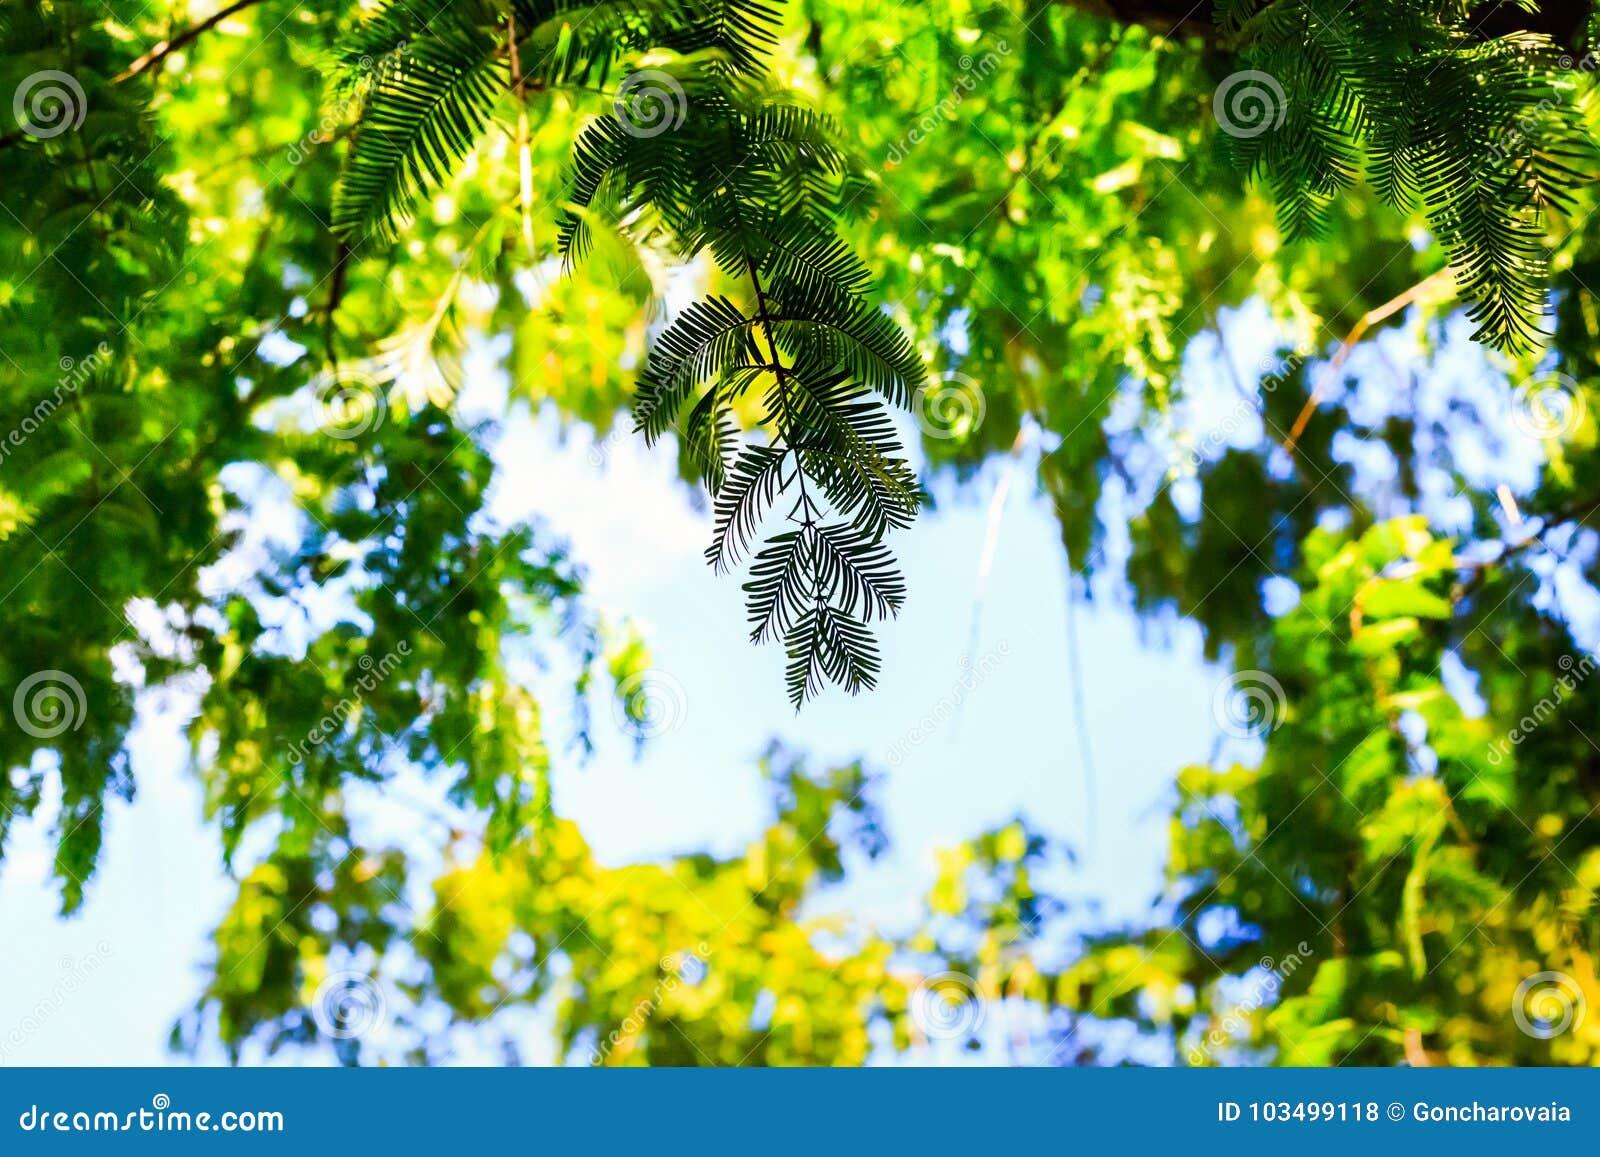 Sylwetek tropikalne rośliny na niebieskim niebie, zieleni liście paproć w zwrotnikach Naturalnego tła pojęcia lasowy lato i wakac